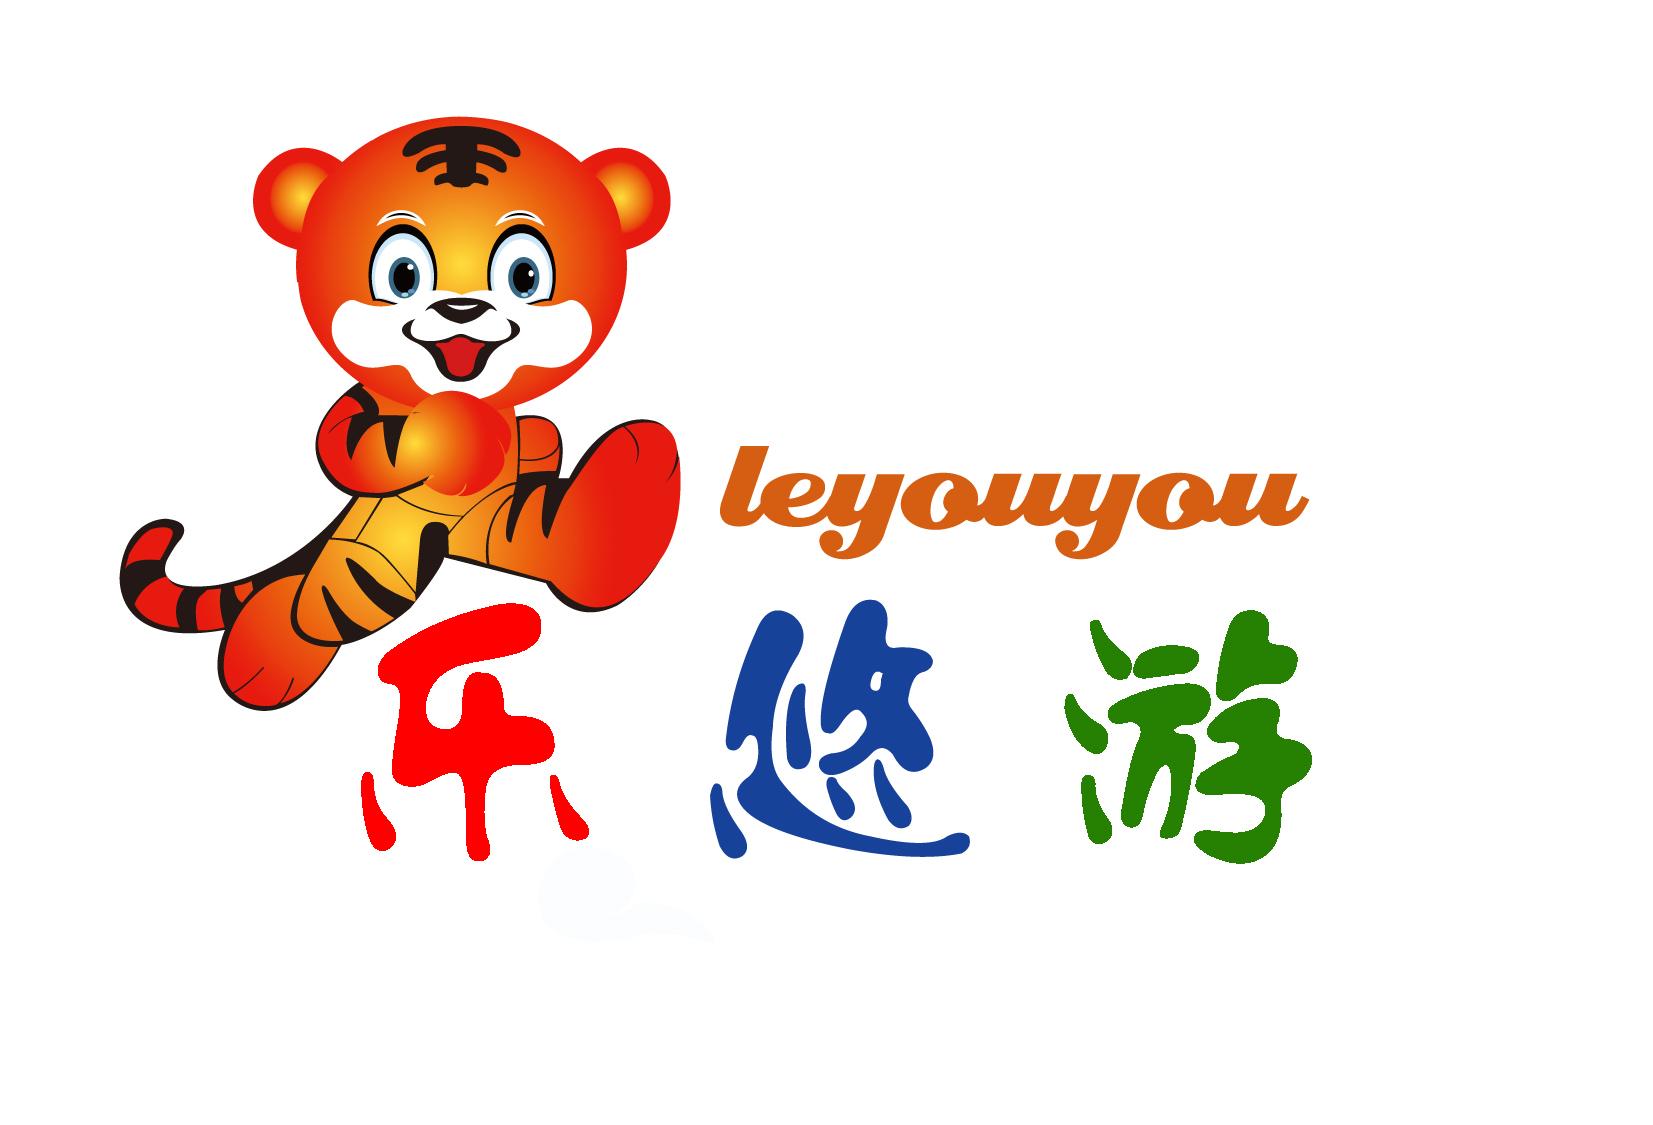 征集0-6岁儿童游乐场logo及简单vi设计